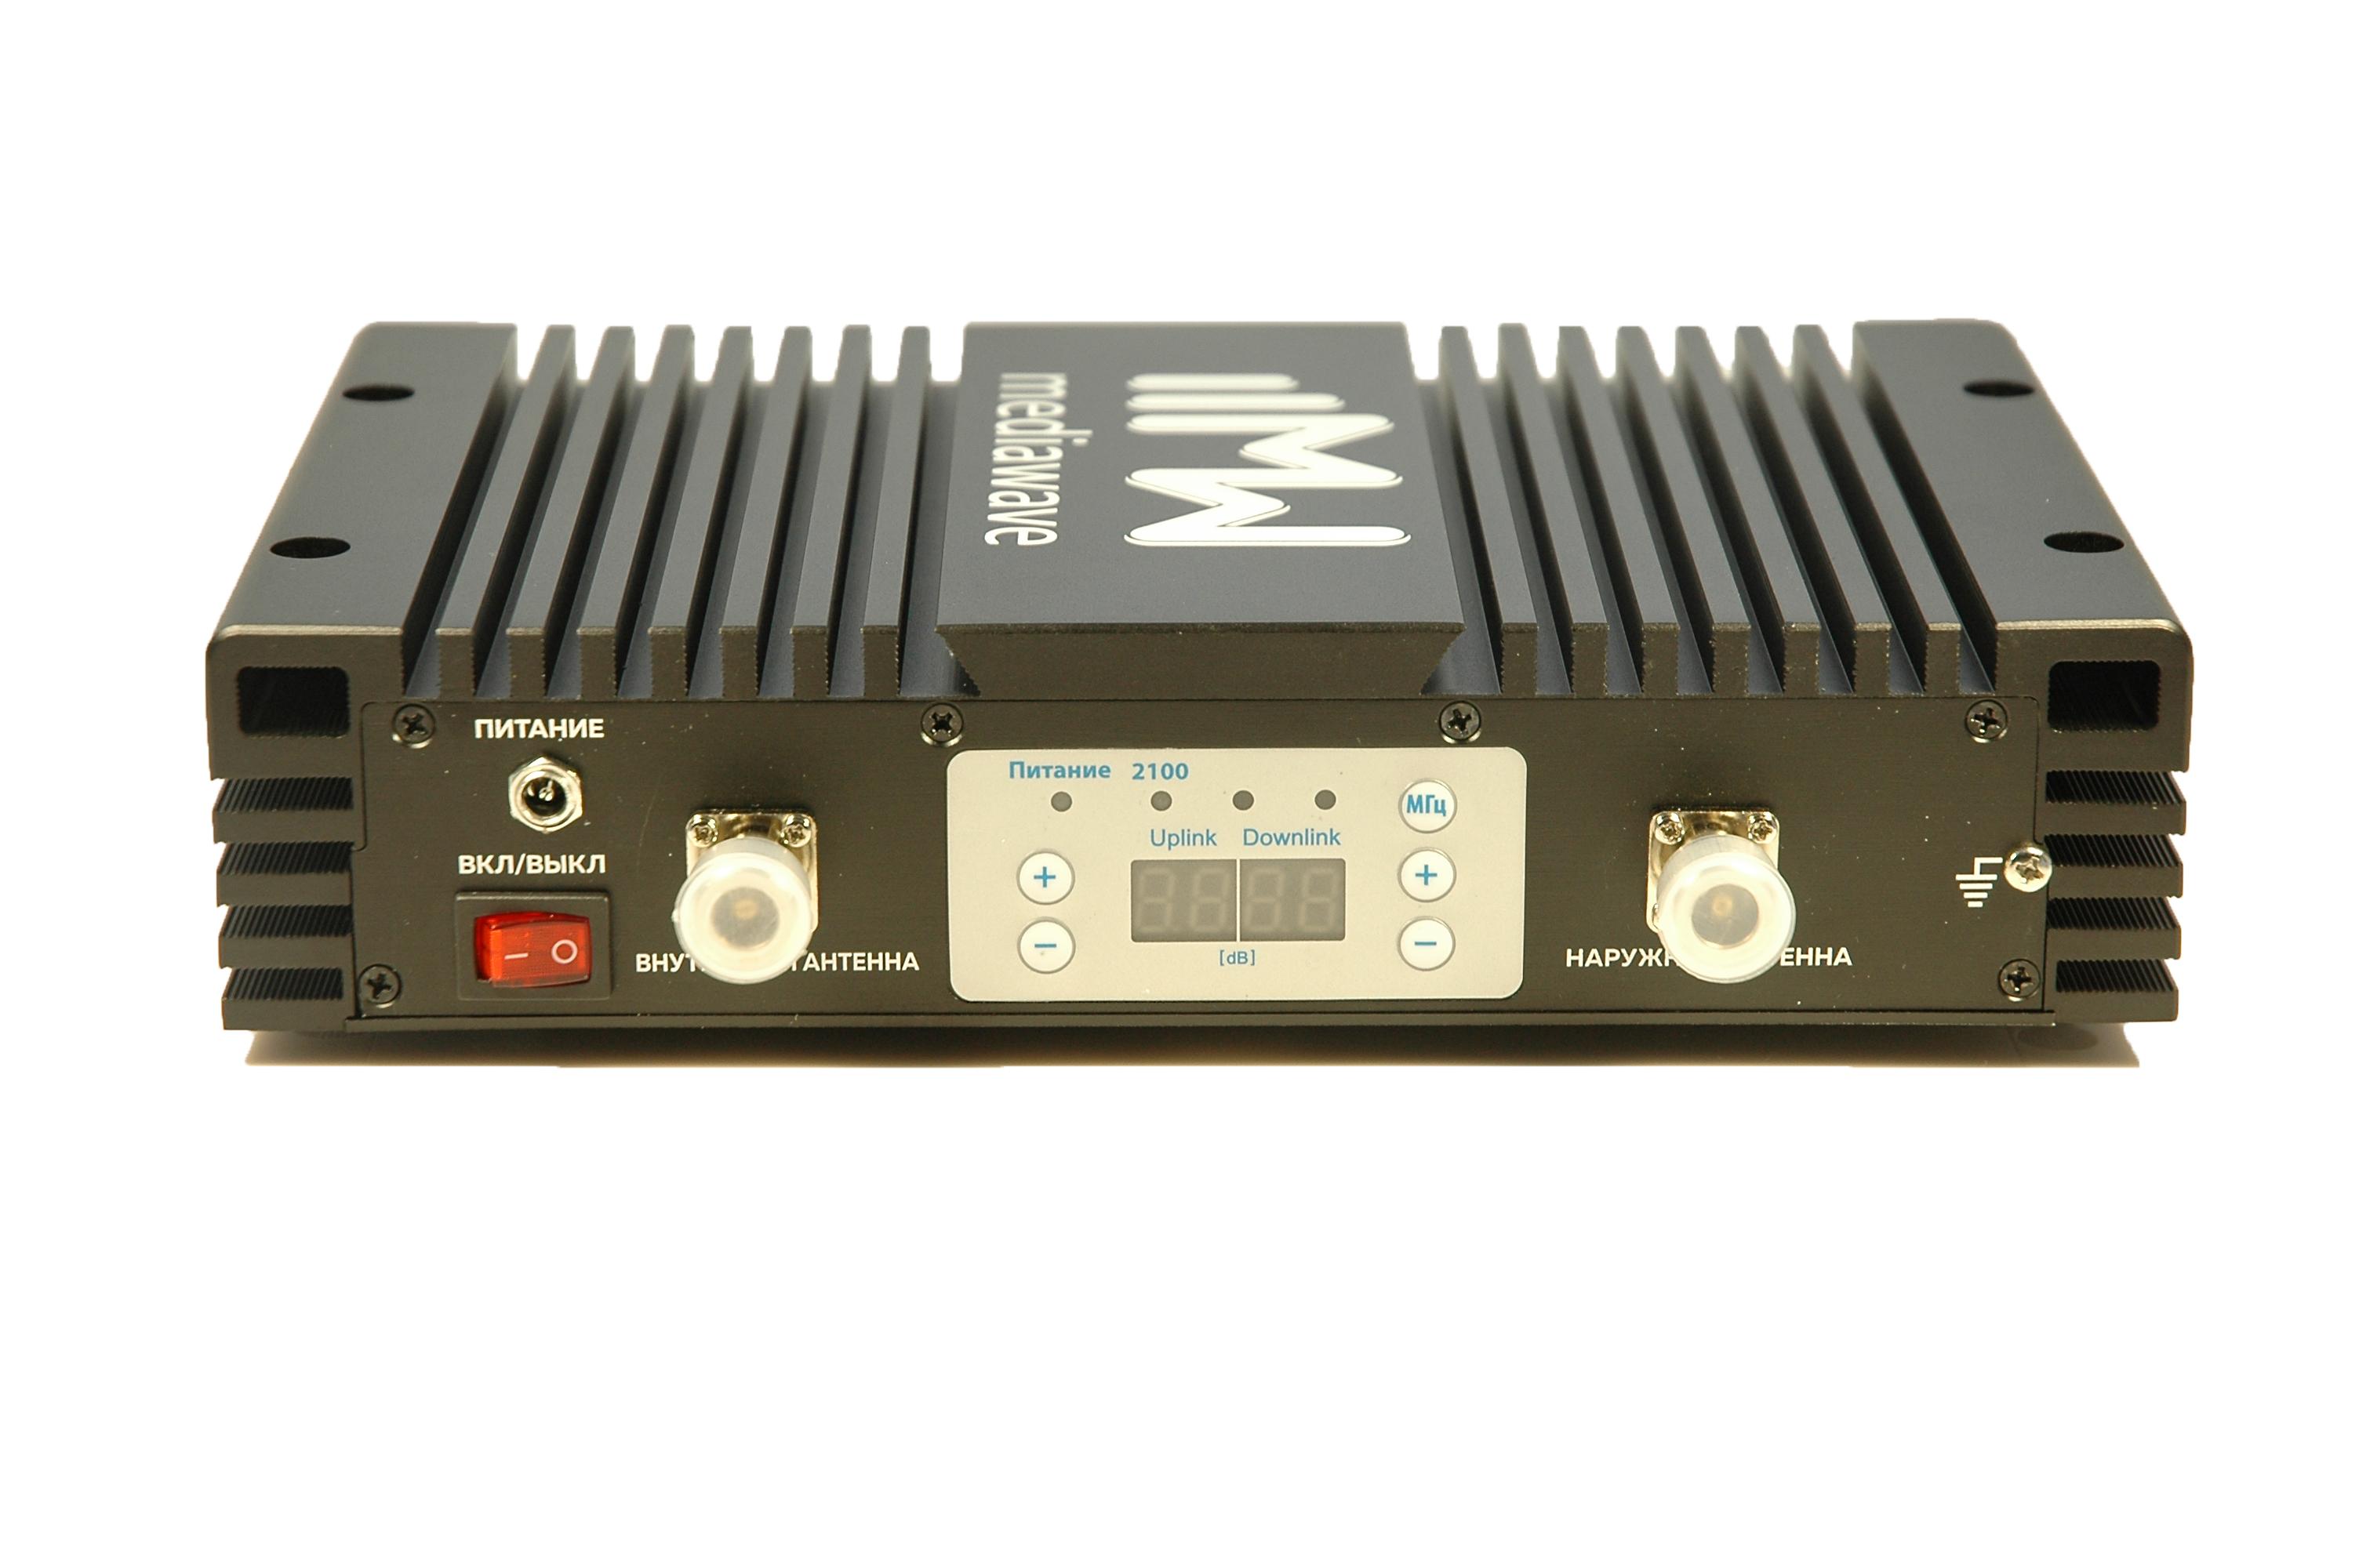 MediaWave MWS-W-BST30 - линейный усилитель (бустер) в стандарте связи 3G 2100 МГц